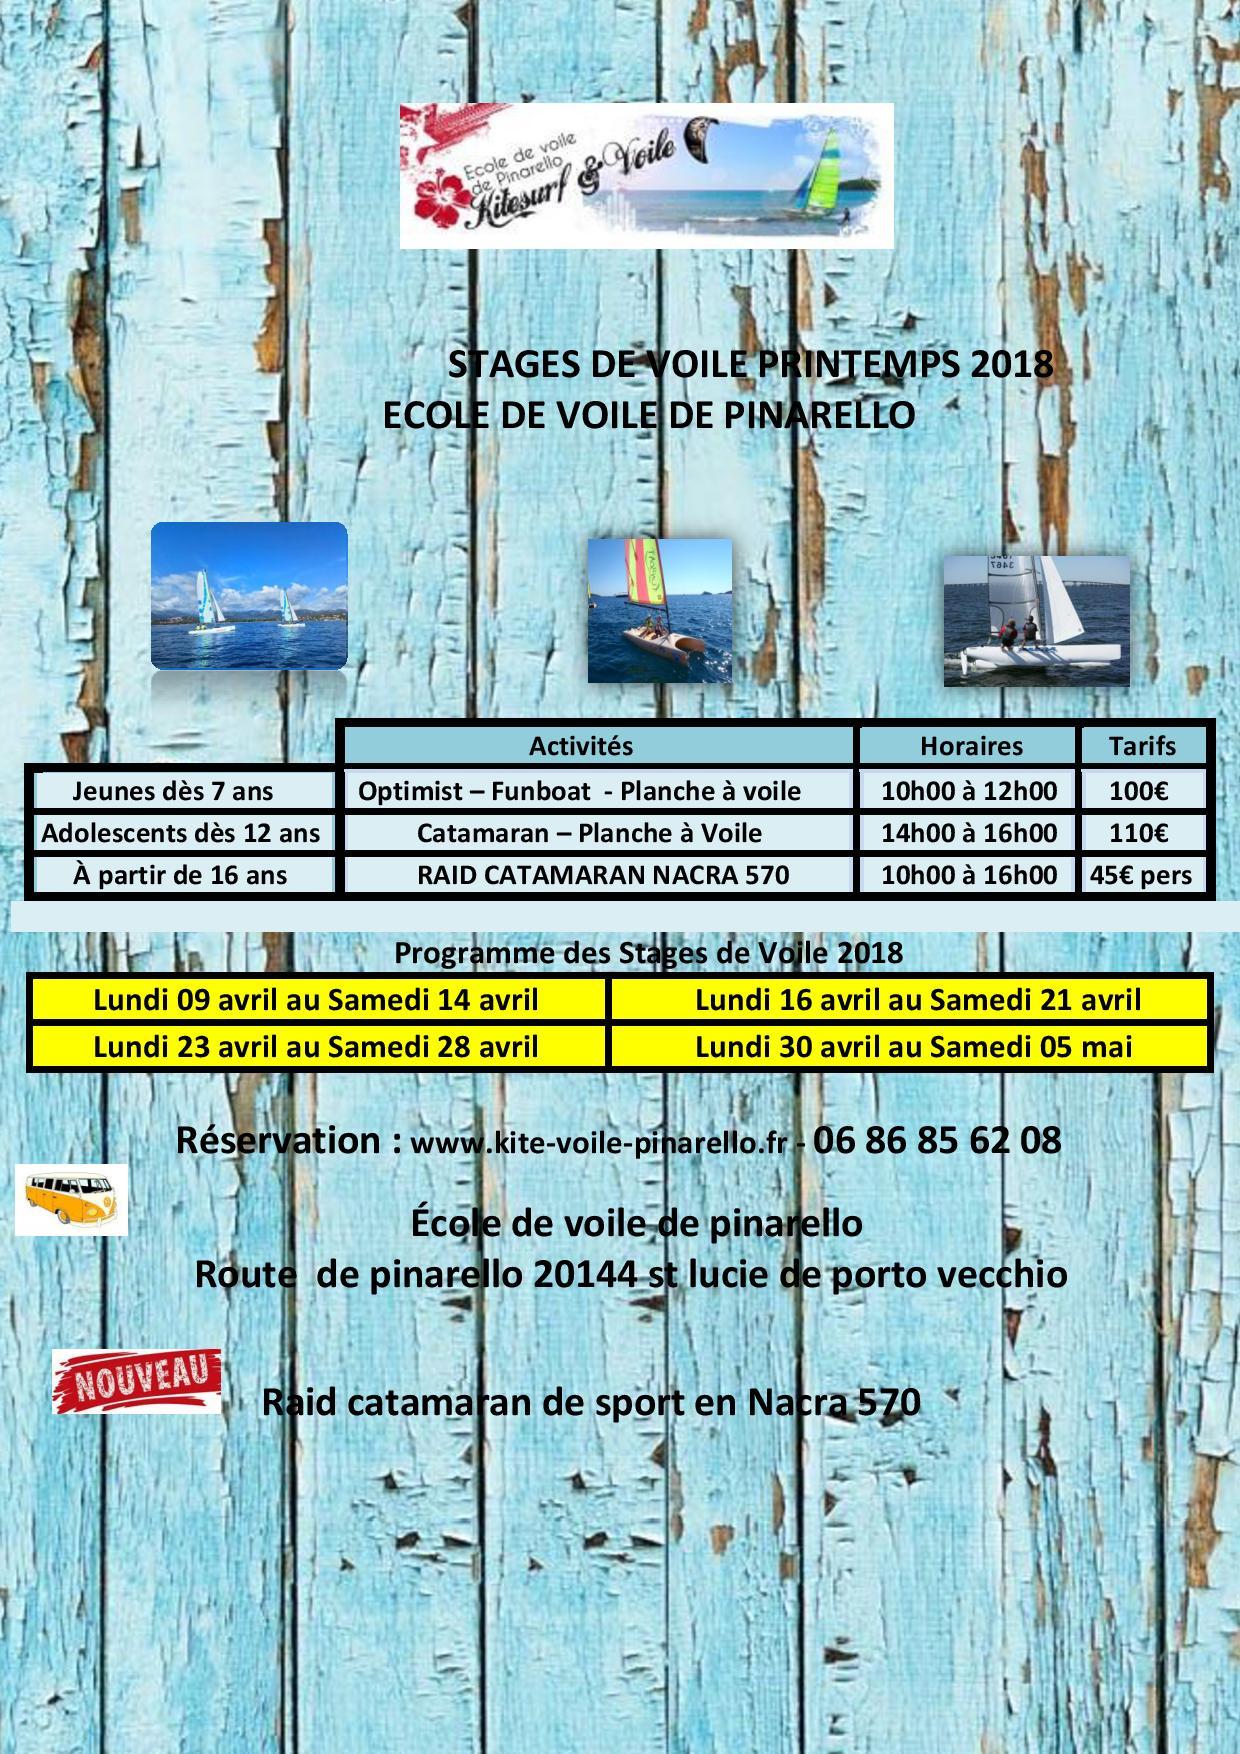 STAGES DE PRINTEMPS VOILE ET KITESURF A ECOLE DE VOILE DE PINARELLO-page-001